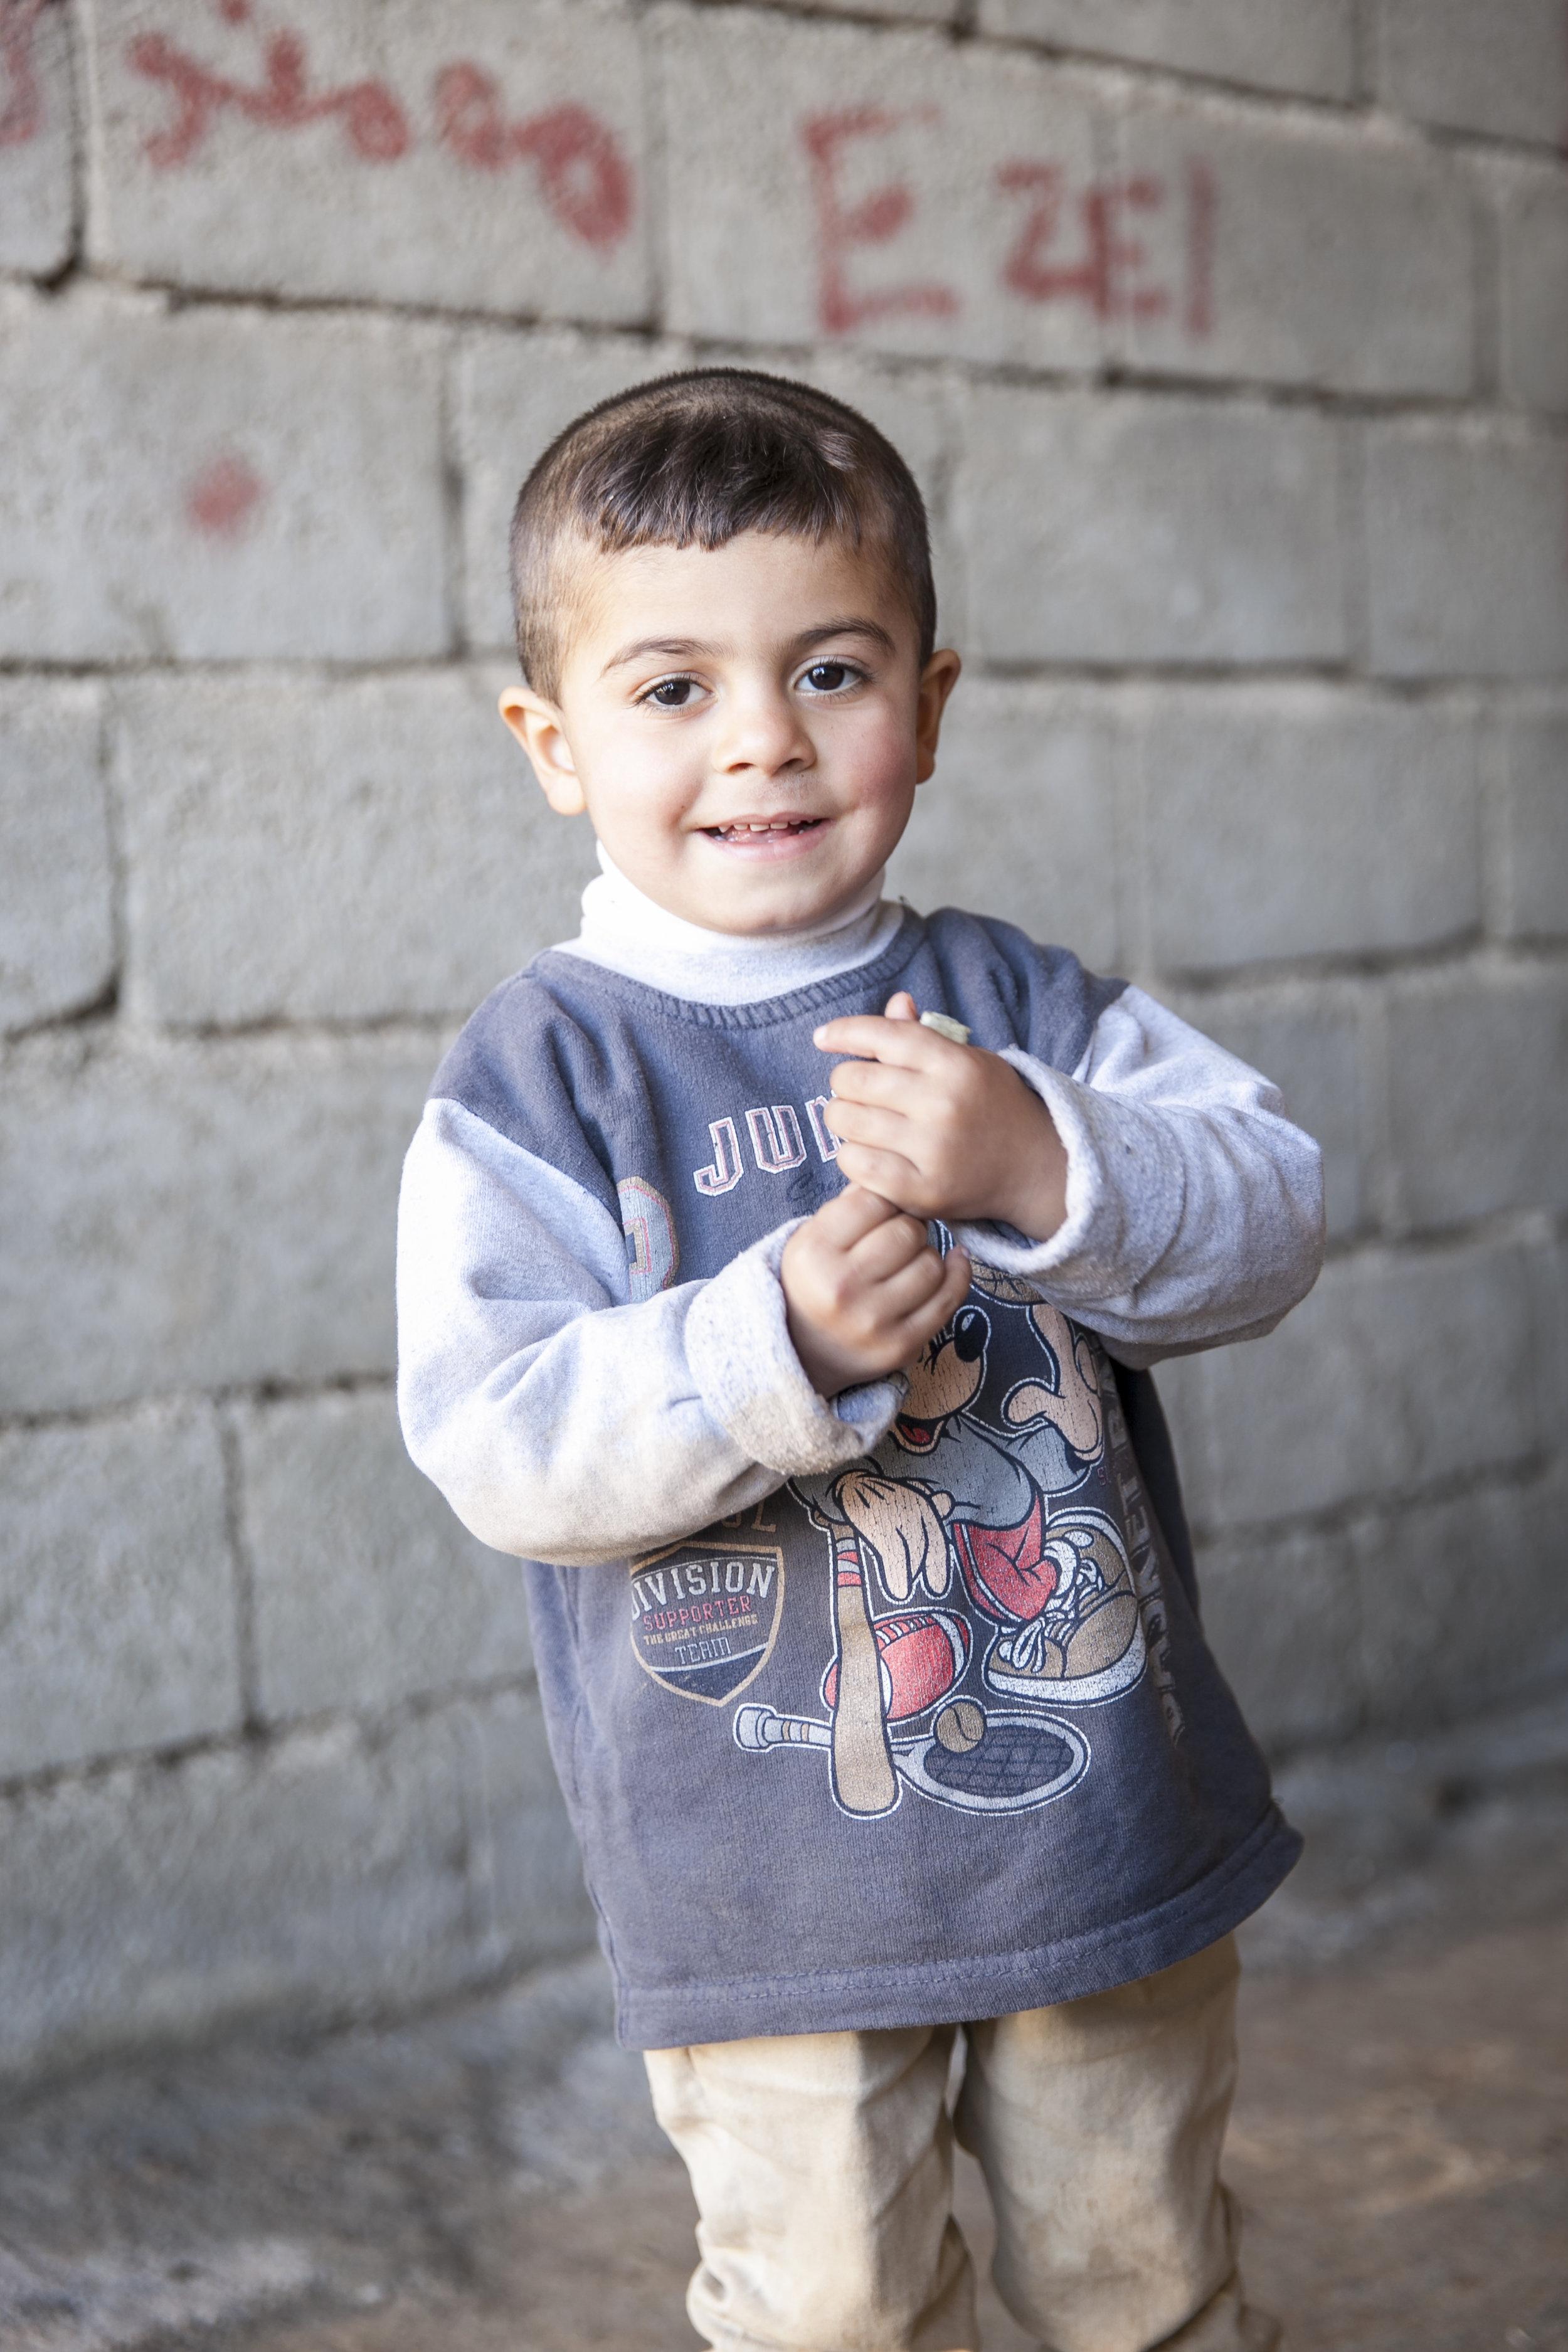 20141205_Refugee_GH_0313.jpg